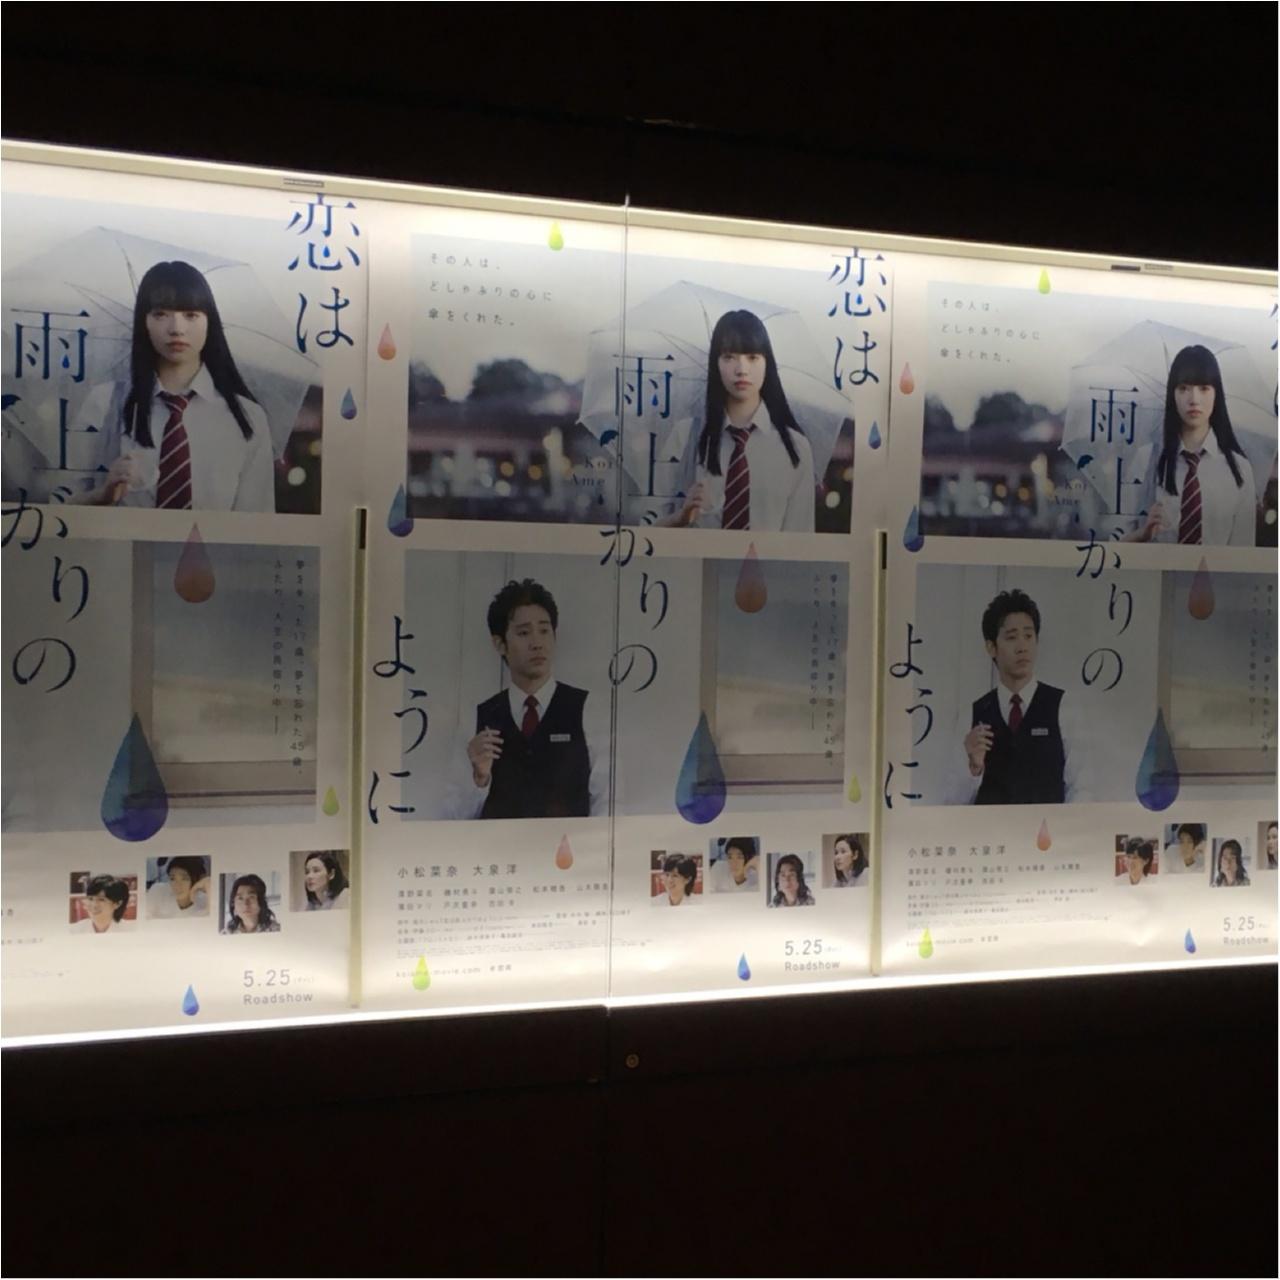 雨の日にこそ見たい!爽やかムービー♡映画「恋は雨上がりのように」の完成披露試写会に行ってきました♡_1